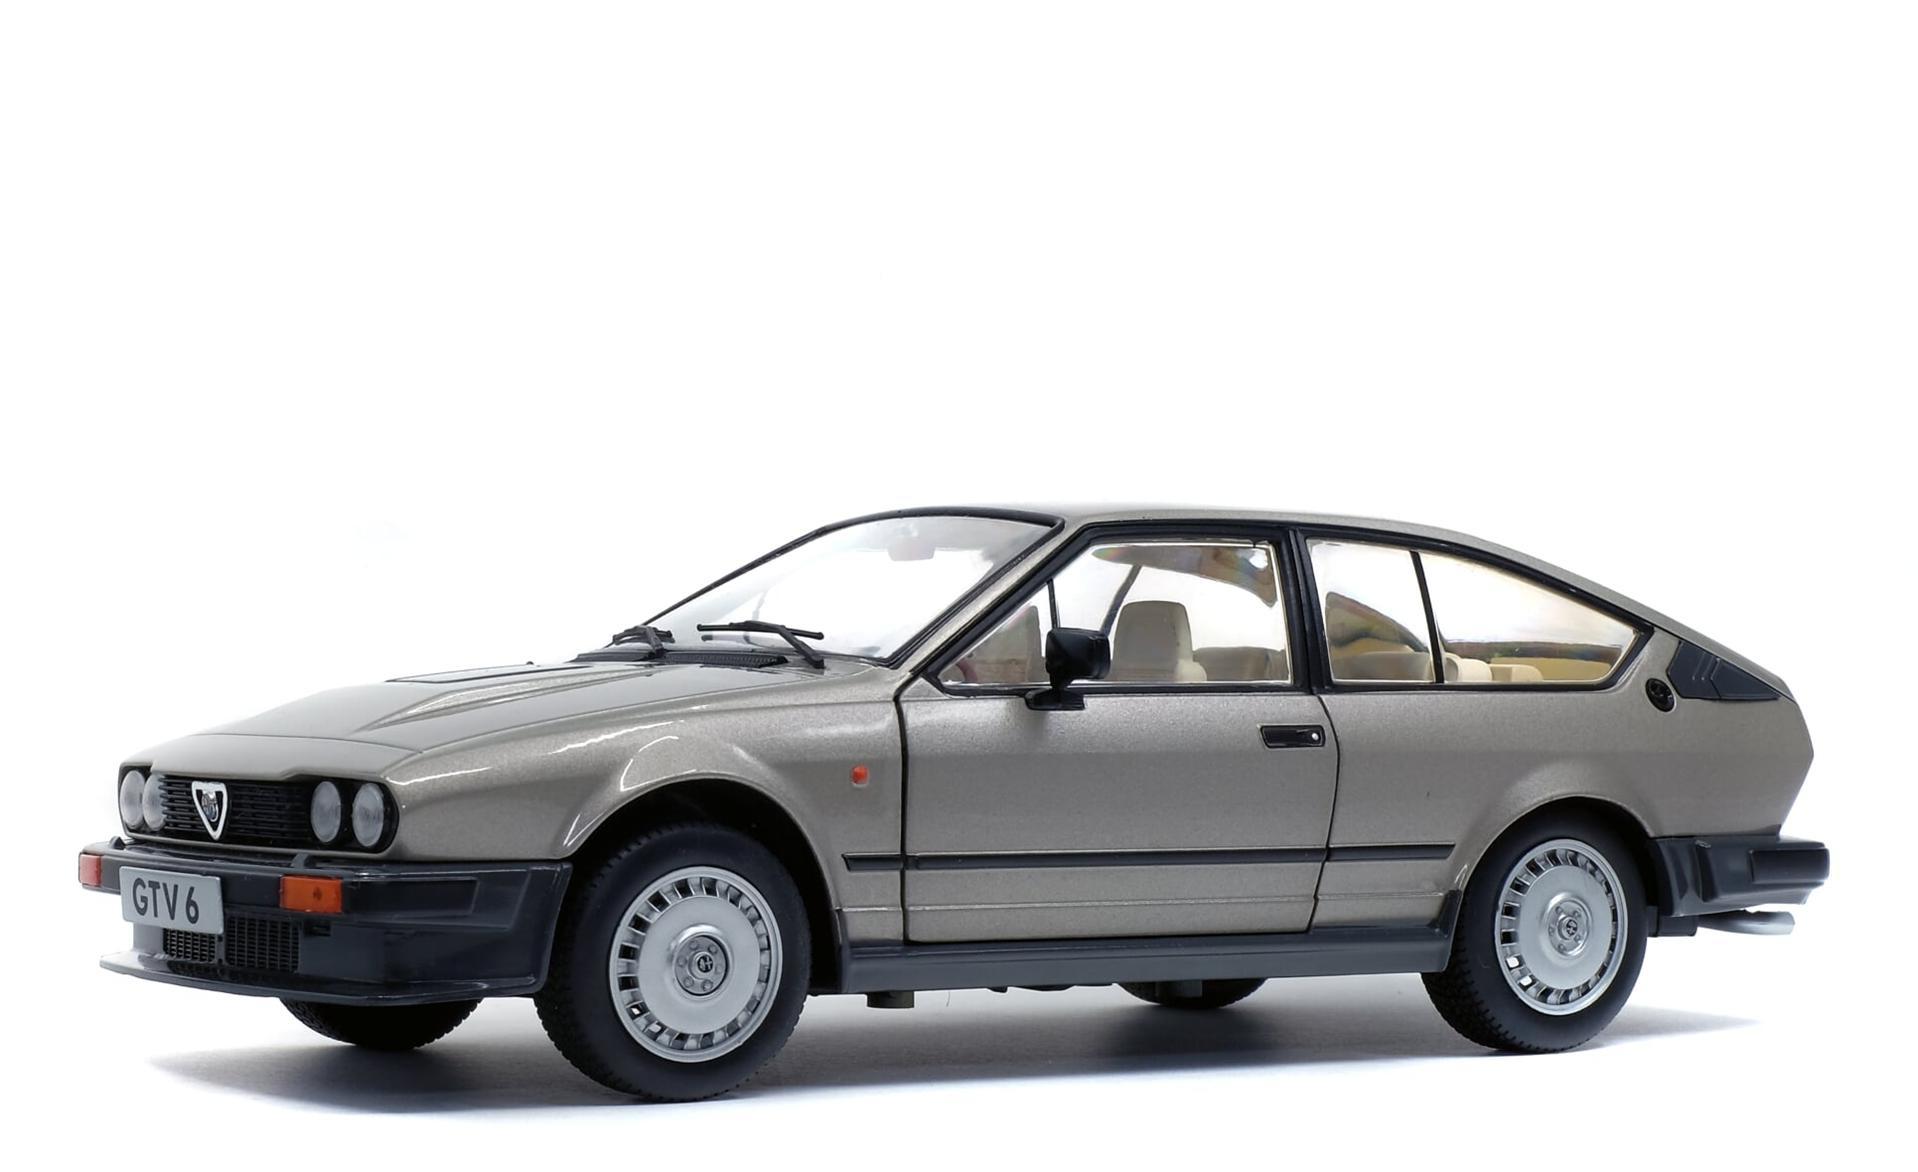 Alfa Romeo GTV6 1984 Argent